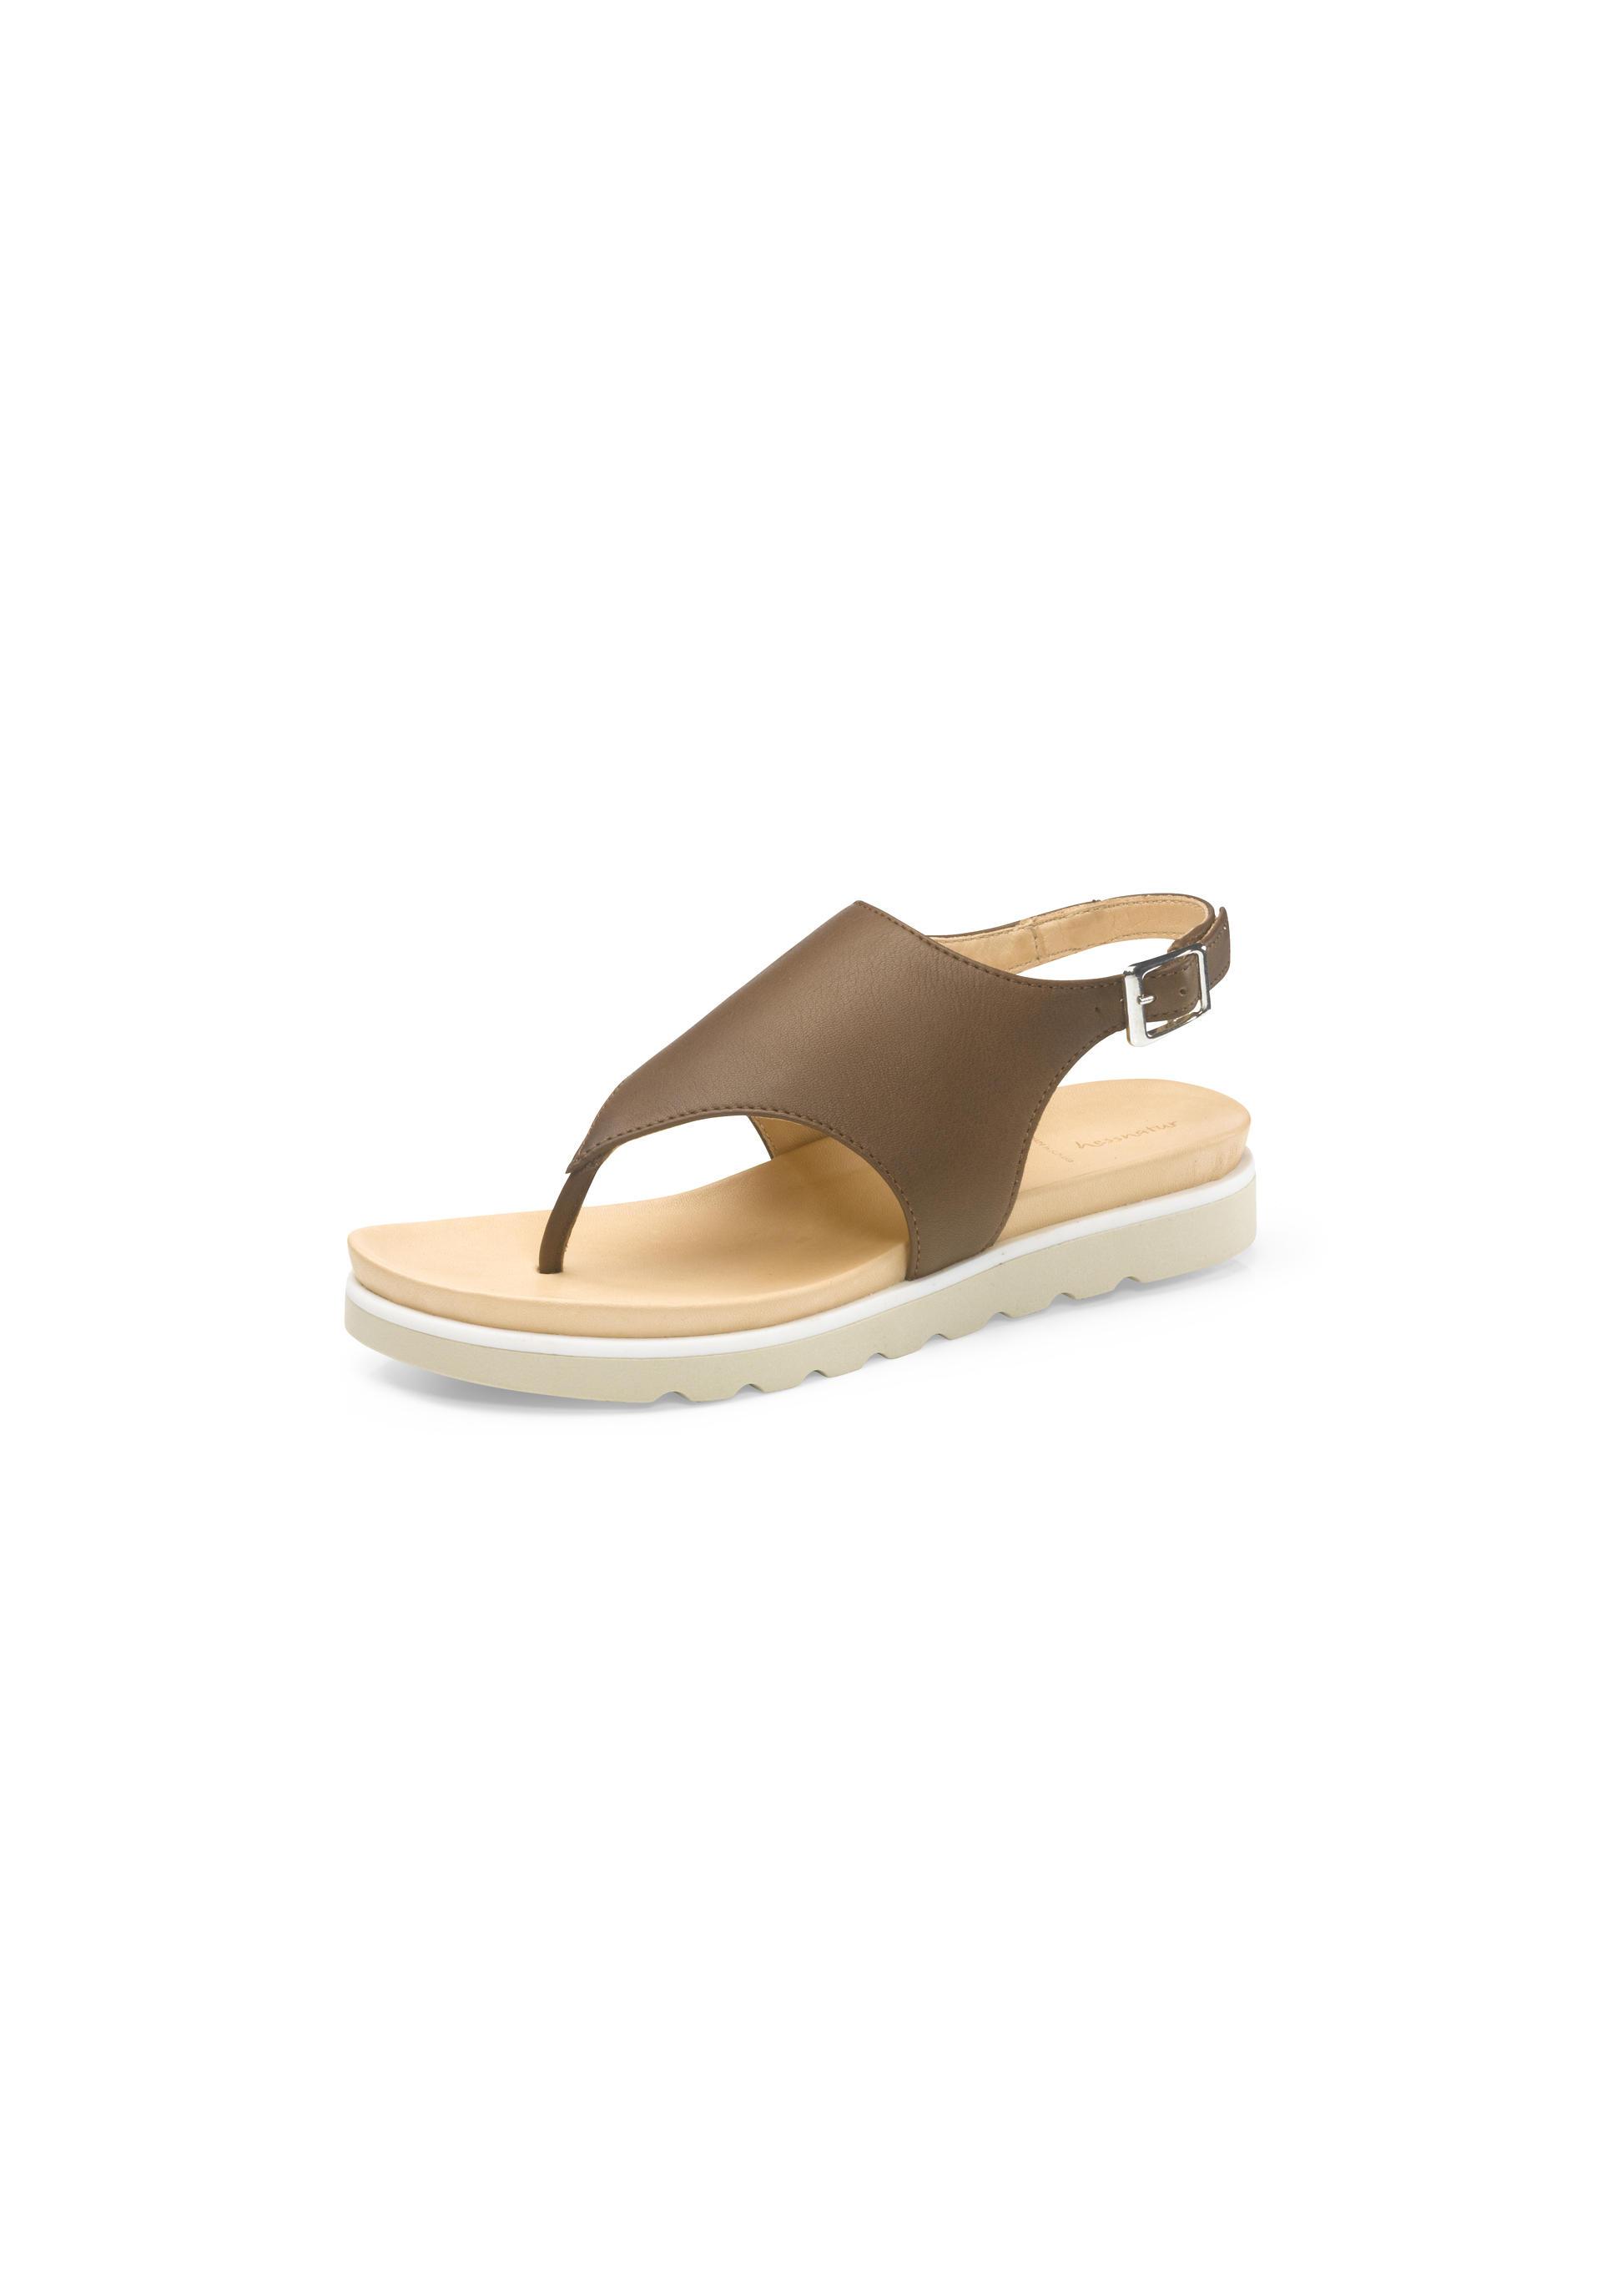 Damen Zehentrenner Sandalette aus Leder von hessnatur